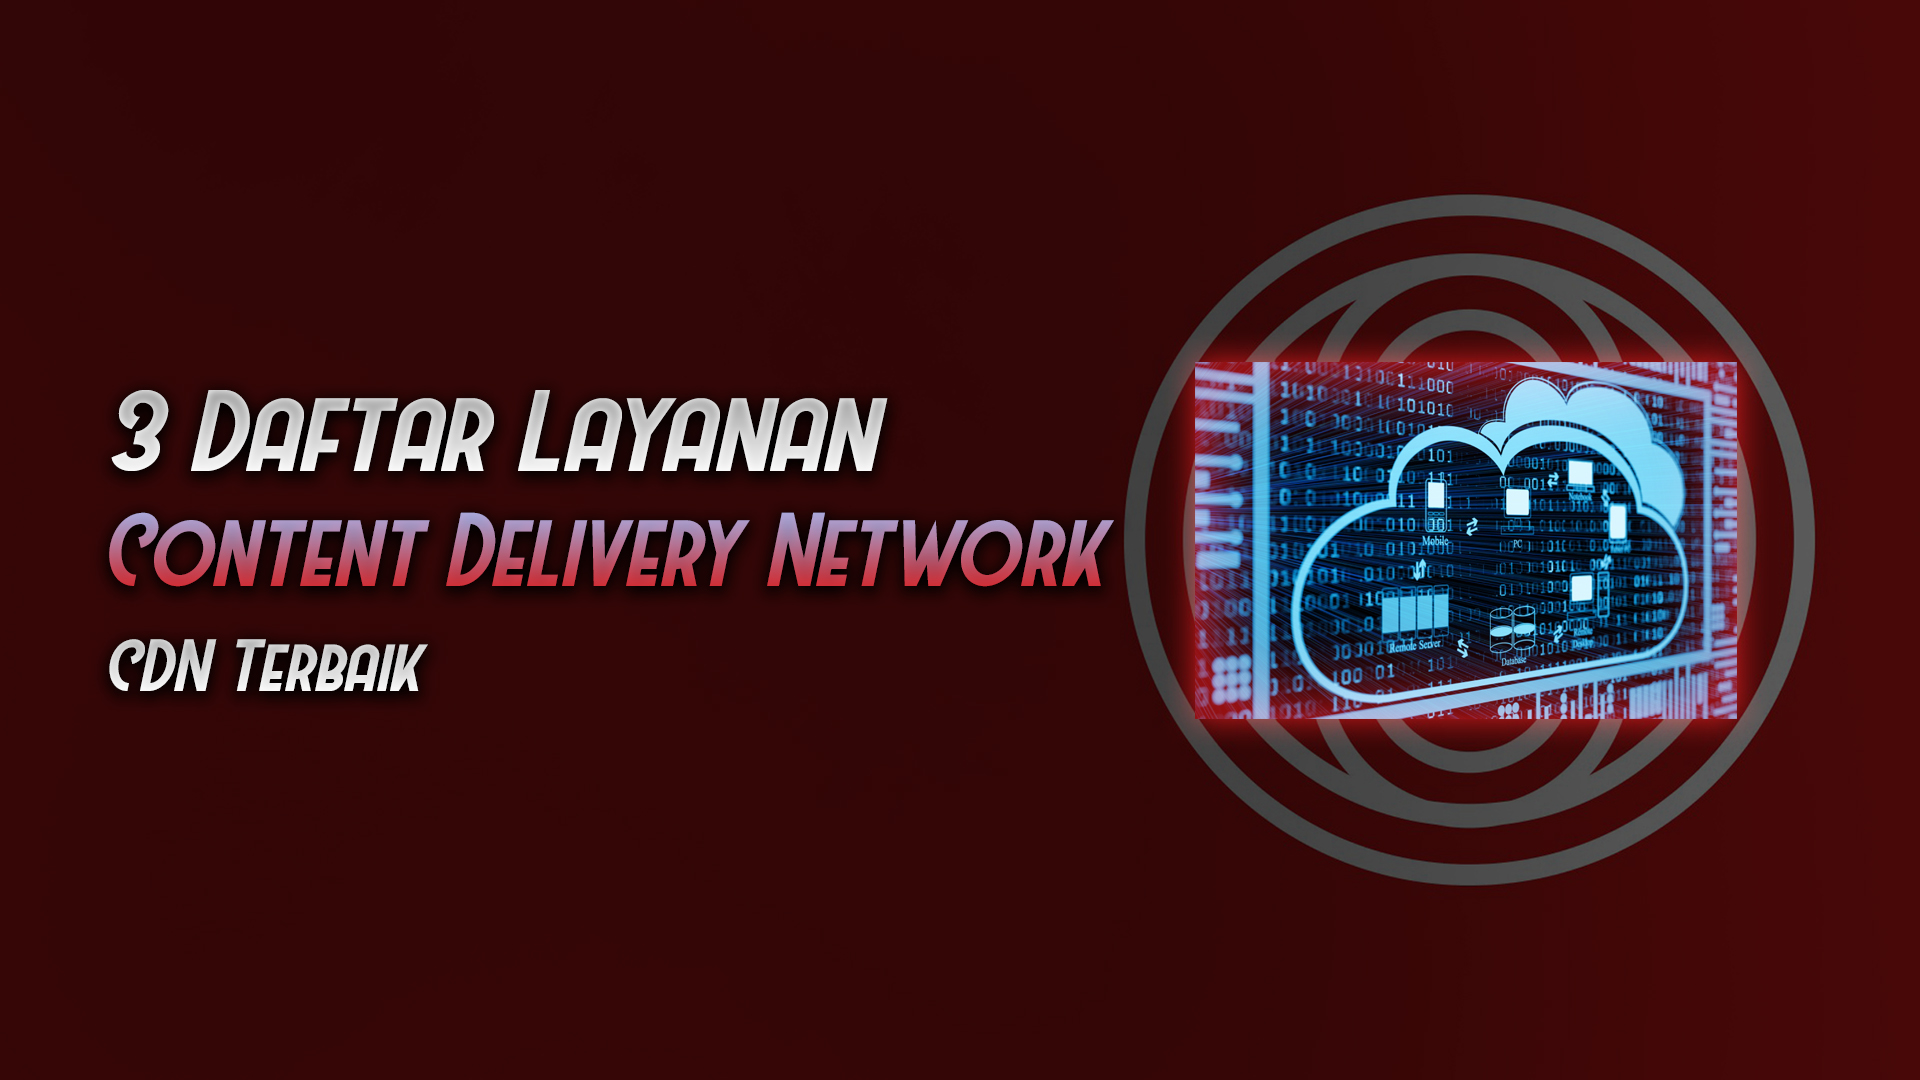 daftar penyedia layanan content delivery network cdn terbaik - rio bermano